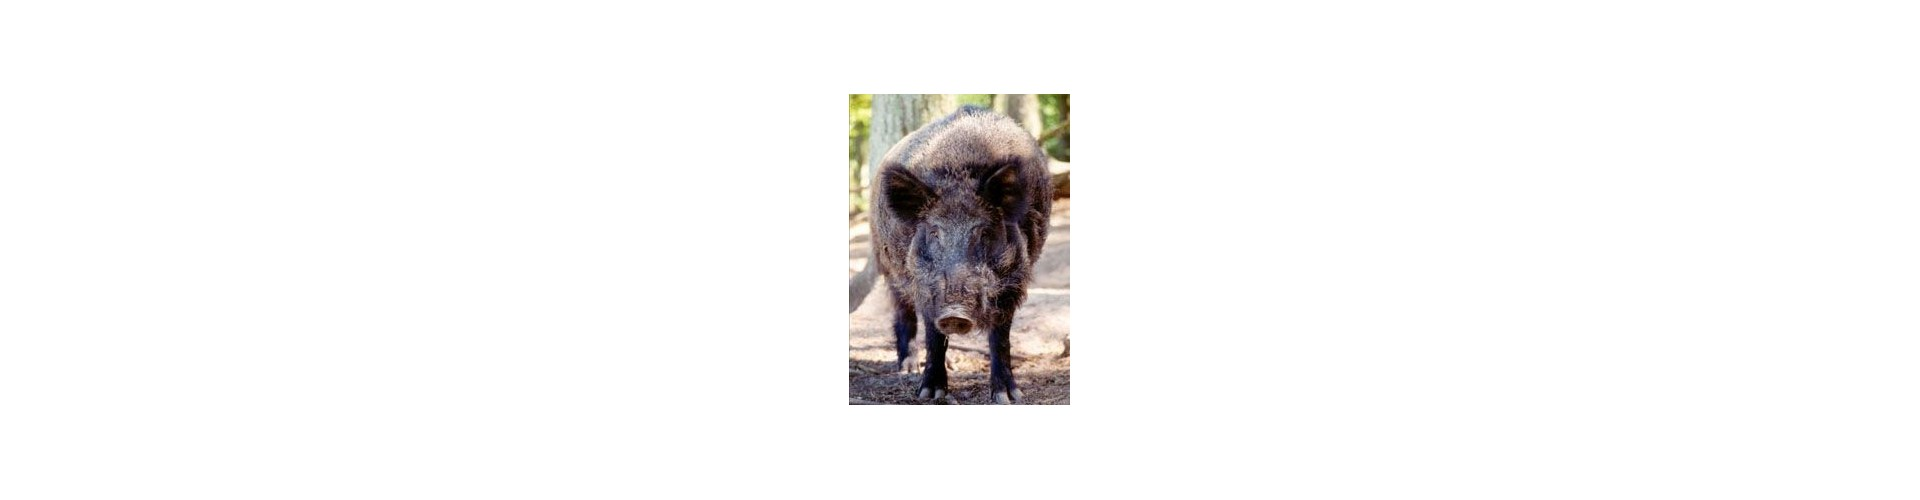 Lokkekald vildsvin - Kvalitets vildsvin lokkekald til de bedste priser